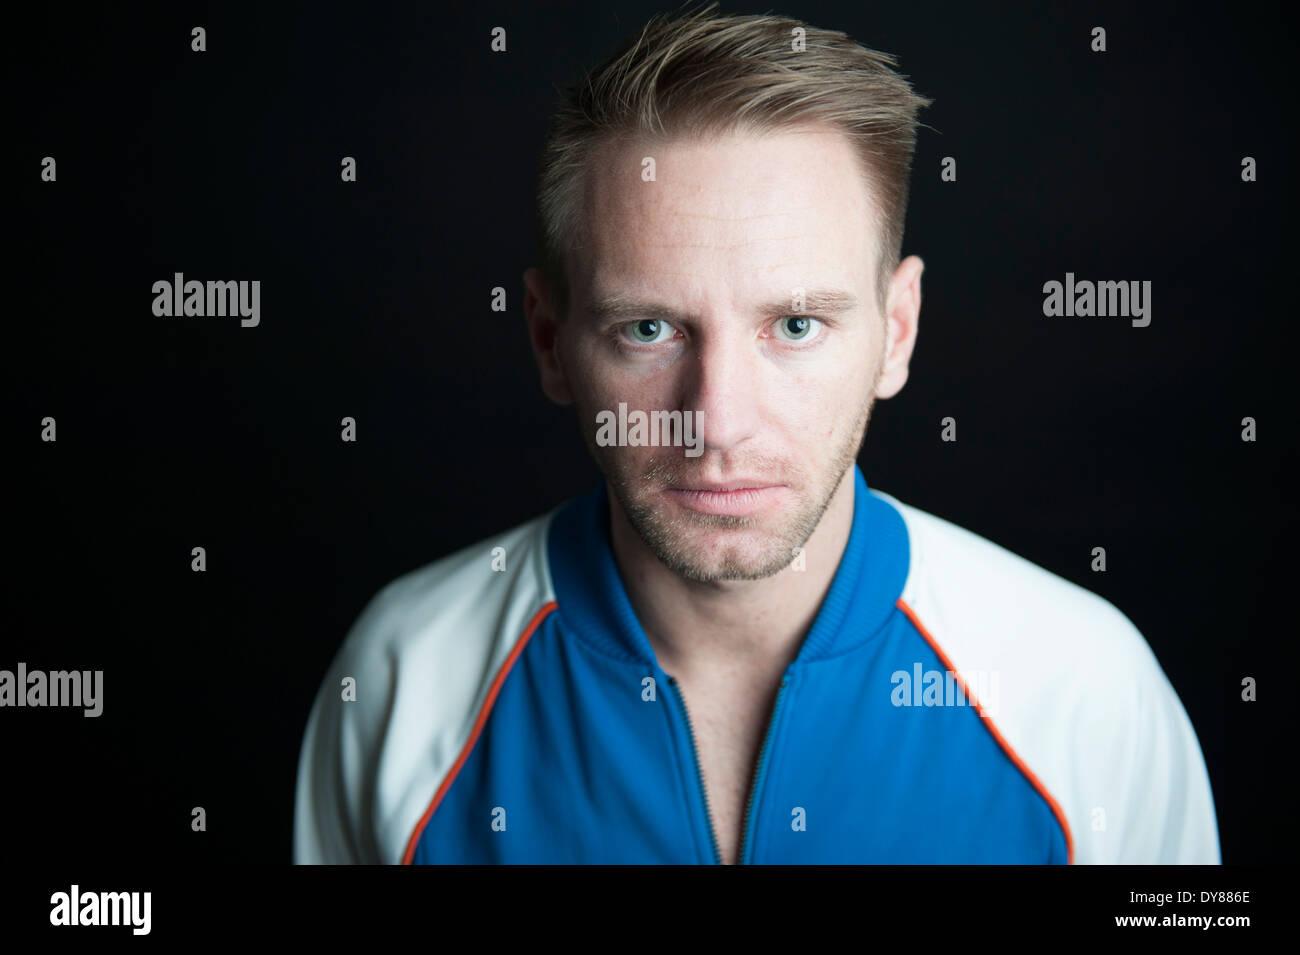 Ernster junger Mann, portrait Stockbild